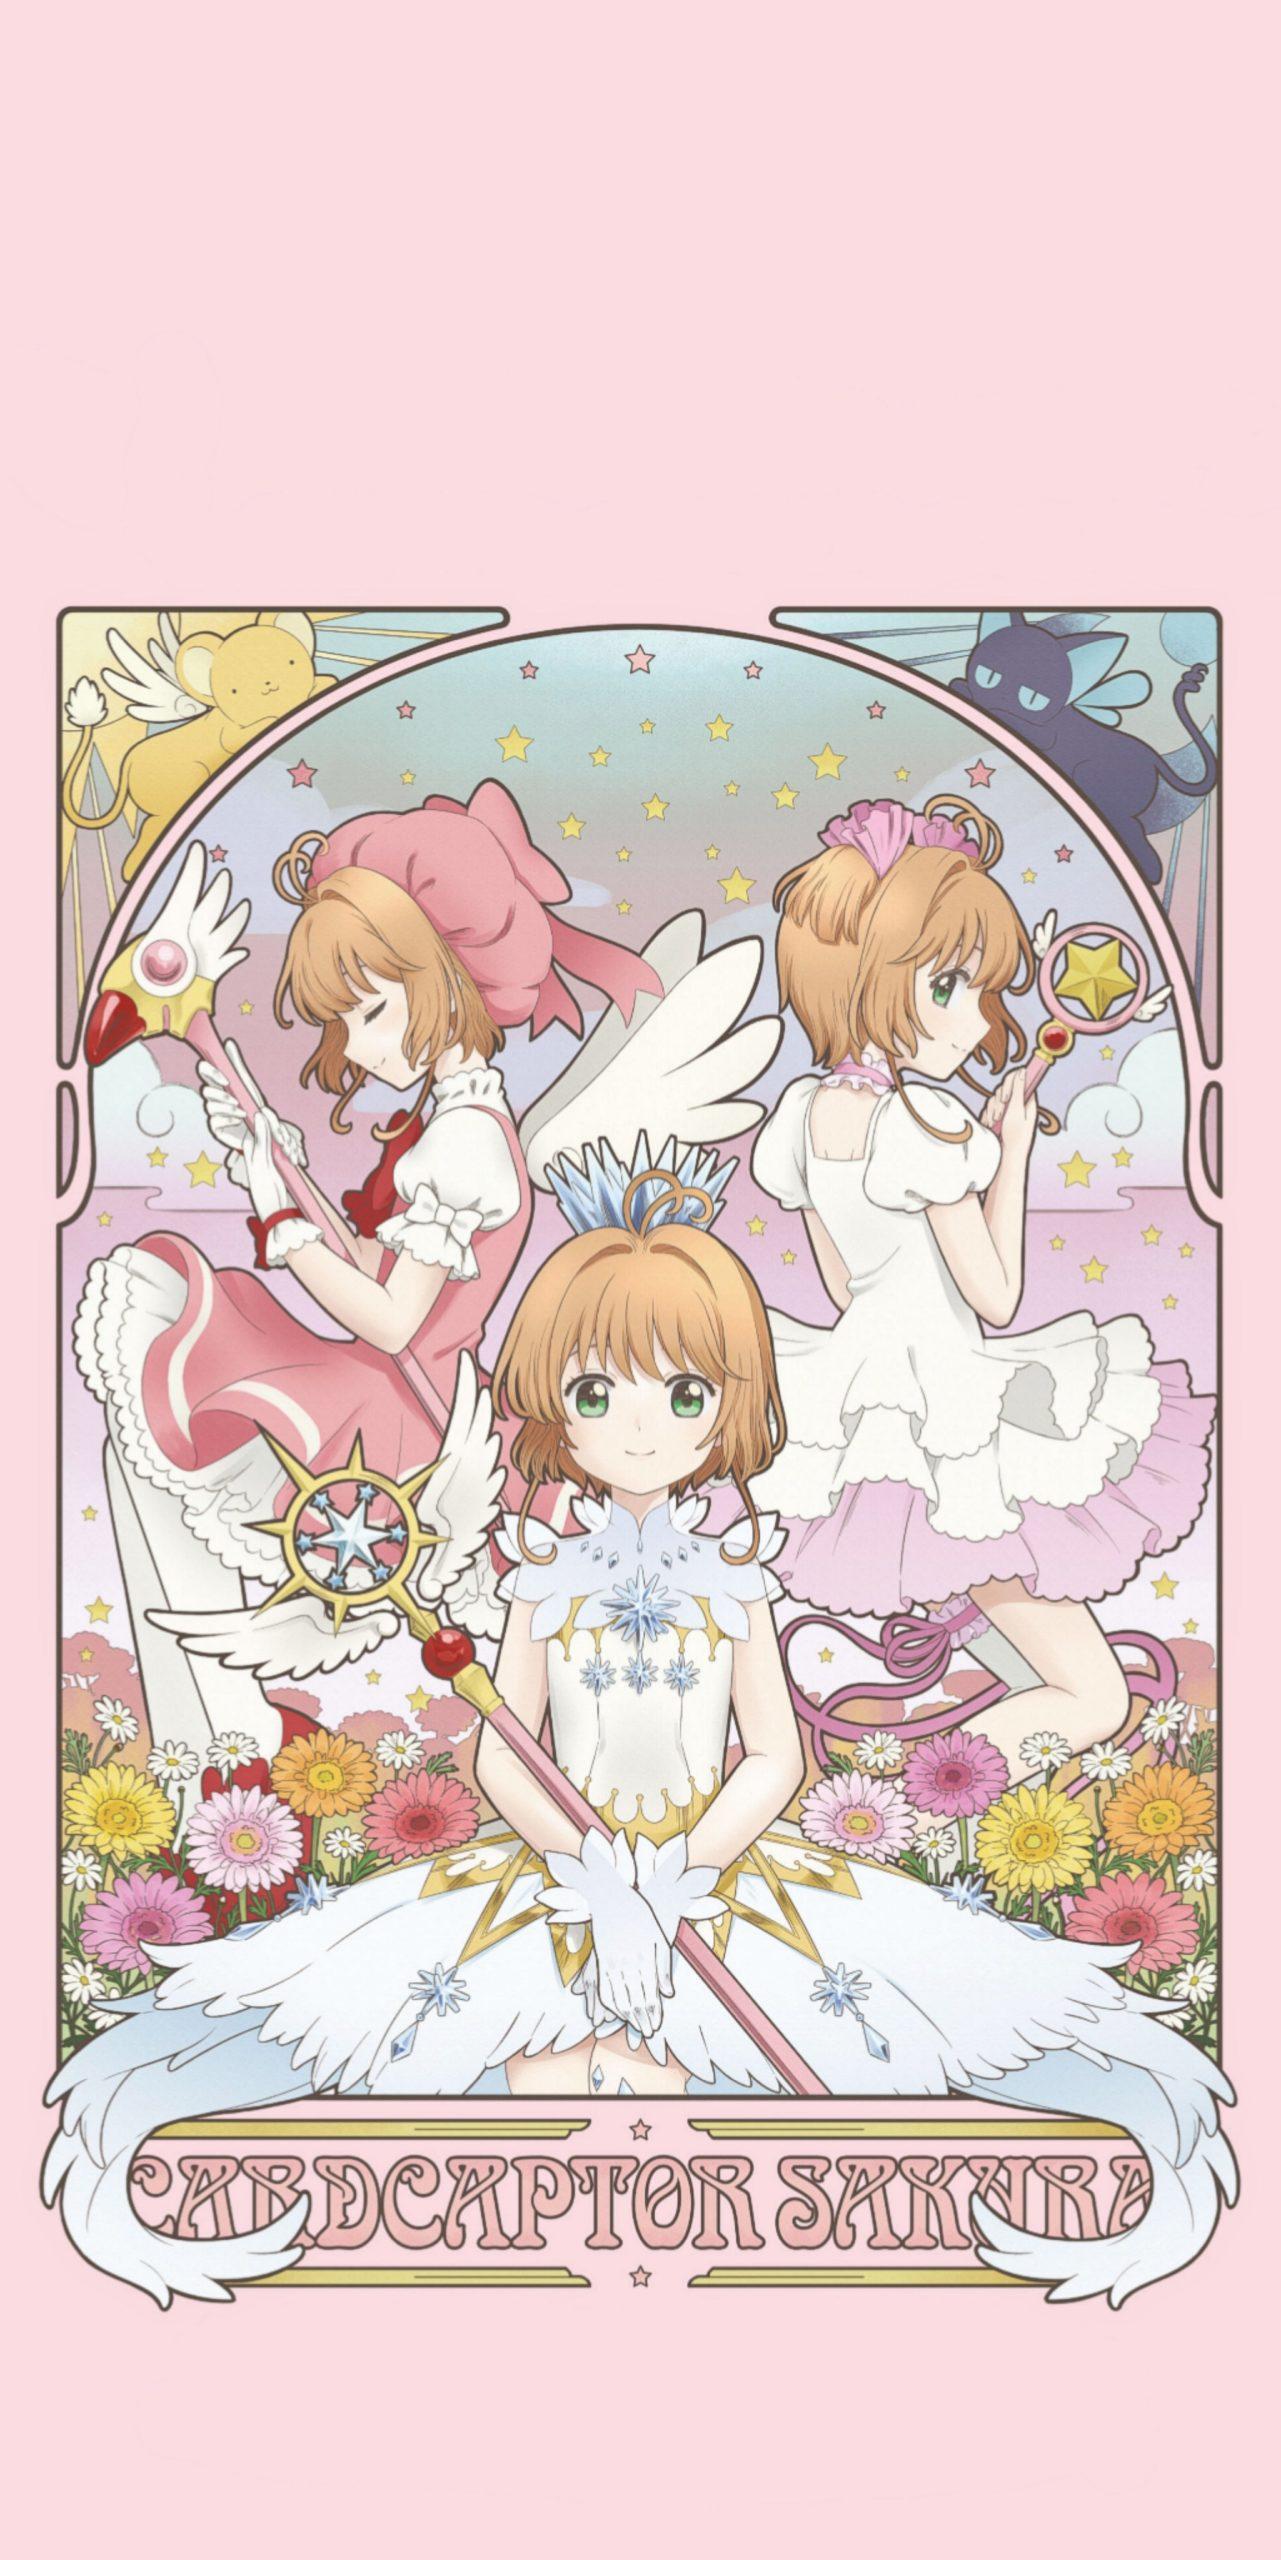 [2049x4094] Beautiful Sakura Art (Cardcaptor Sakura)